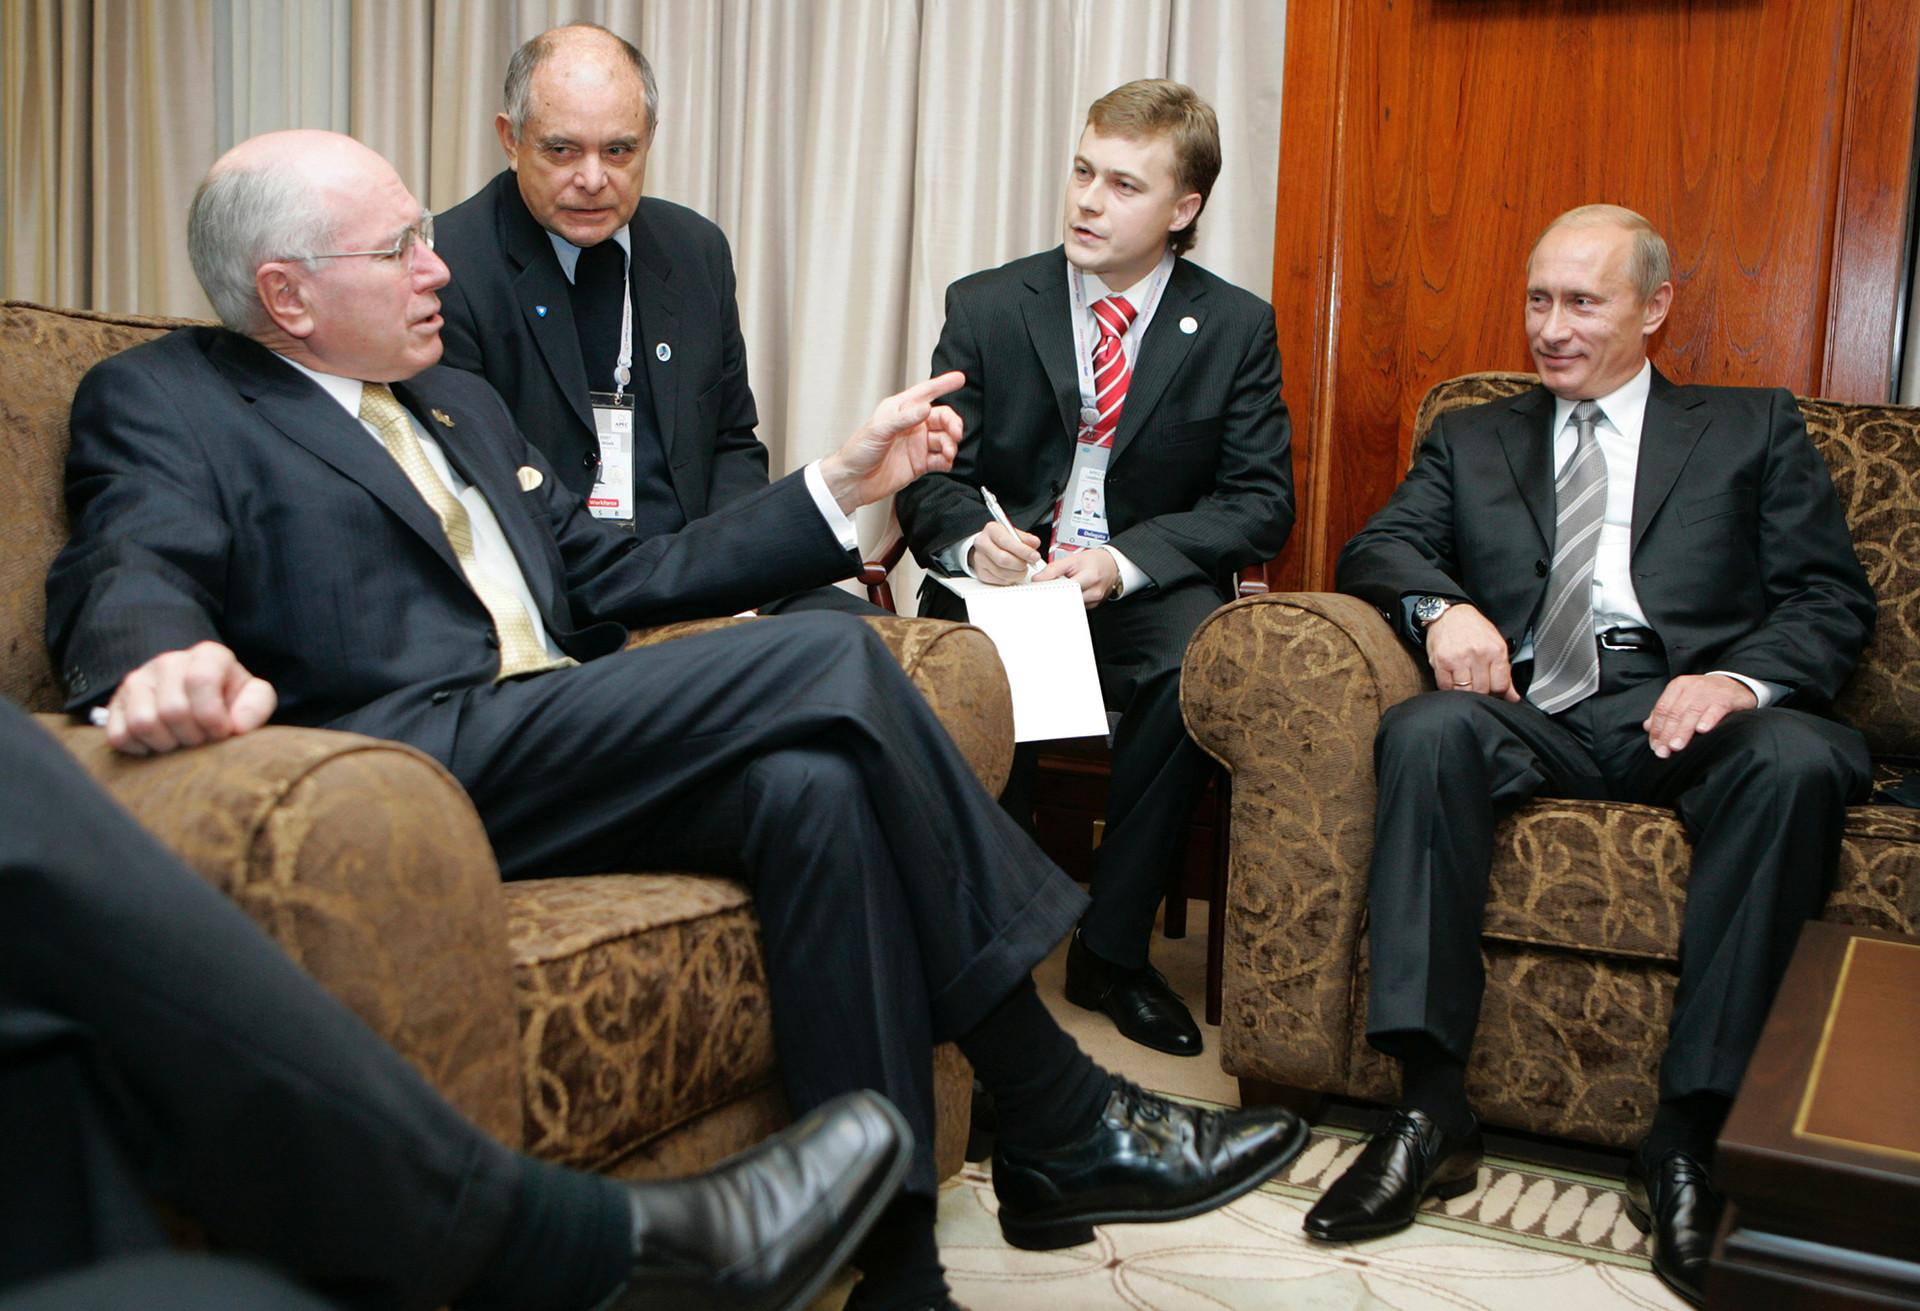 2007年9月7日。オーストラリア首相ジョン・ウィンストン・ハワード(左)とロシア大統領ウラジーミル・プーチン (右)がオーストラリア連邦議会のシドニーのオフィスで会談している。